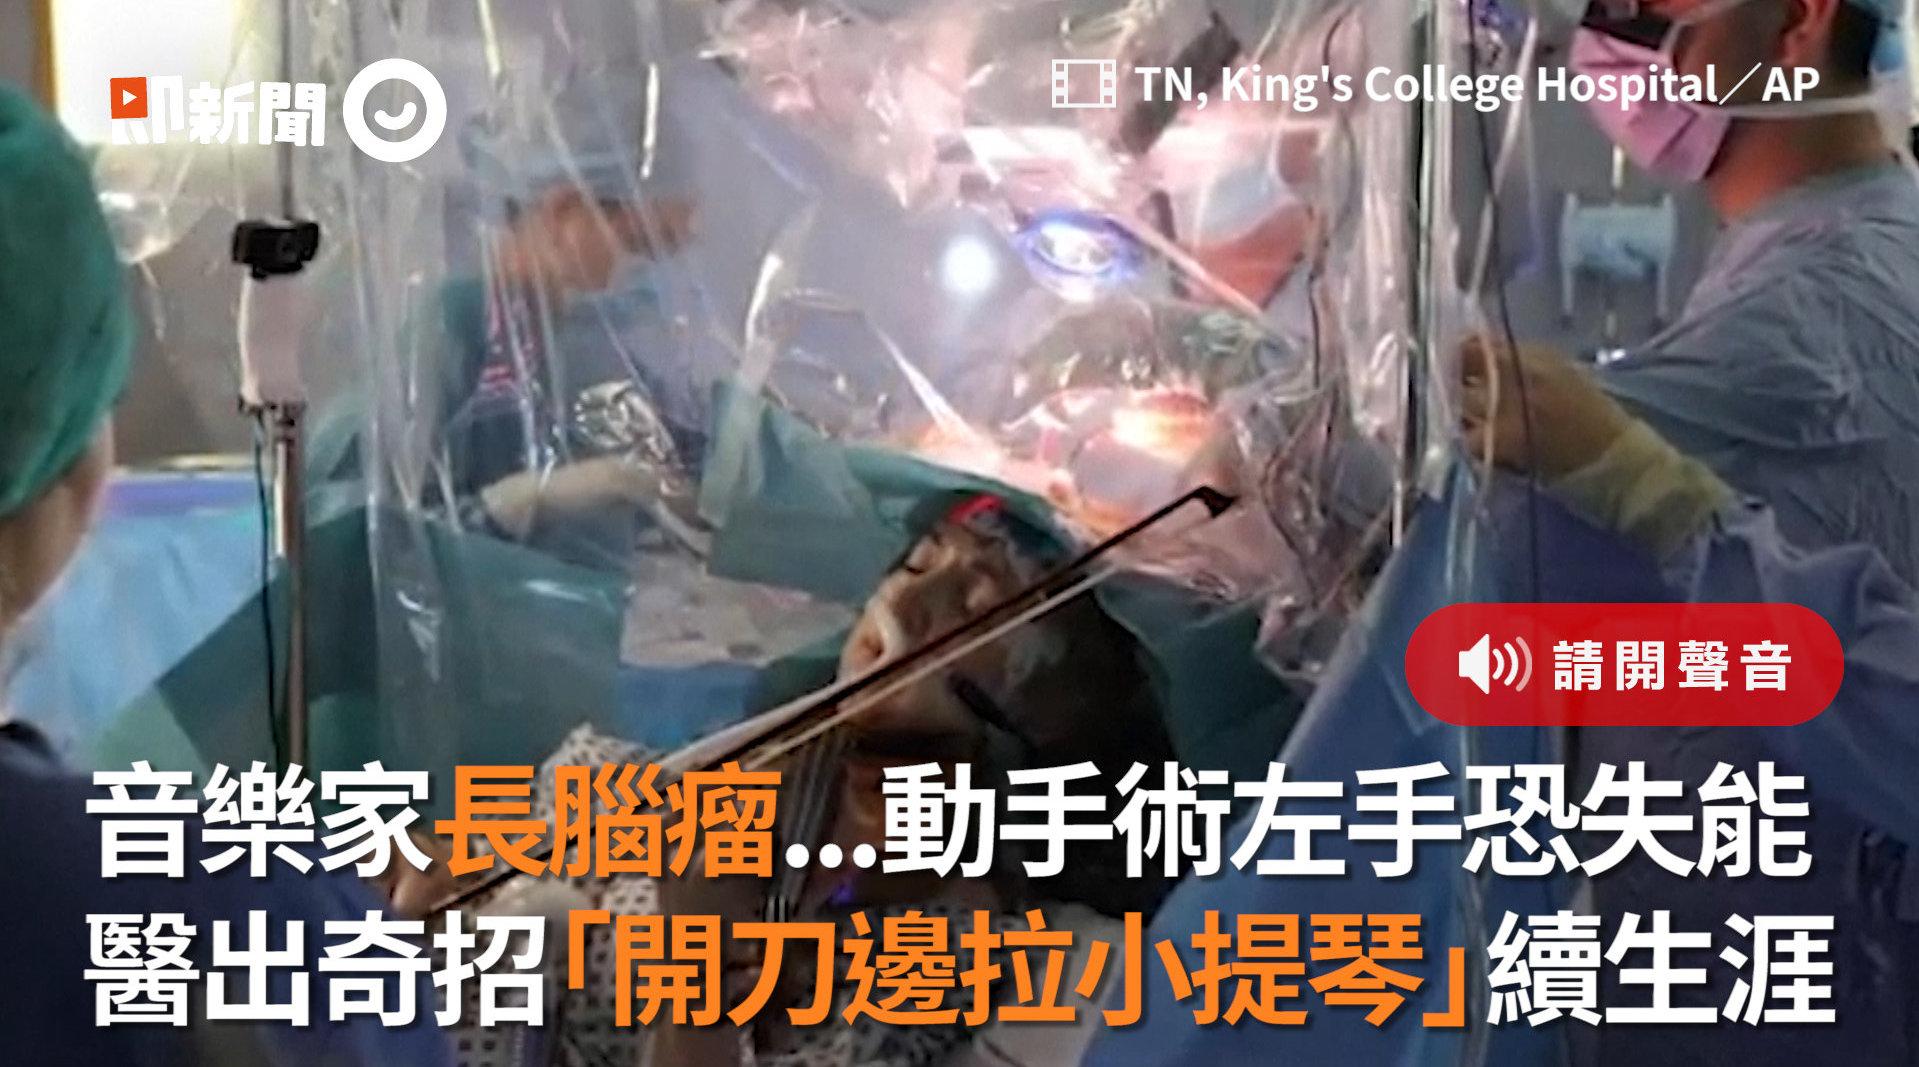 音乐家脑瘤手术左手恐失能,医生要求开刀拉小提琴